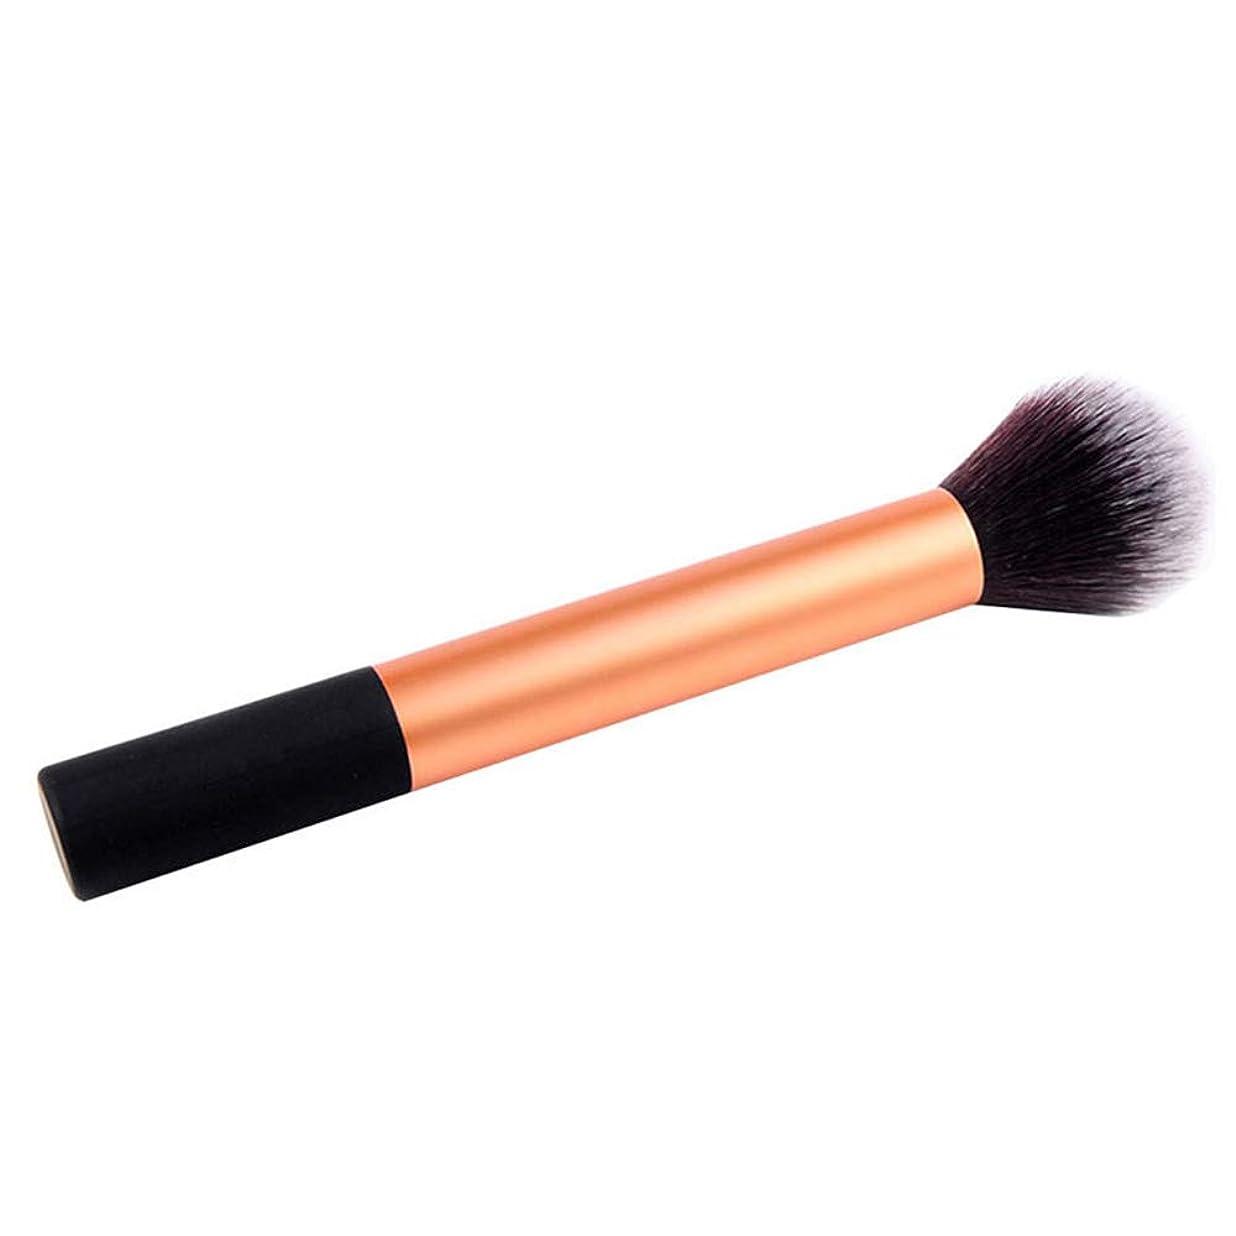 拡散する取り除く手首XULHKA 1ピース赤面化粧高光沢ブラシルースブラシ快適で柔らかい化粧道具